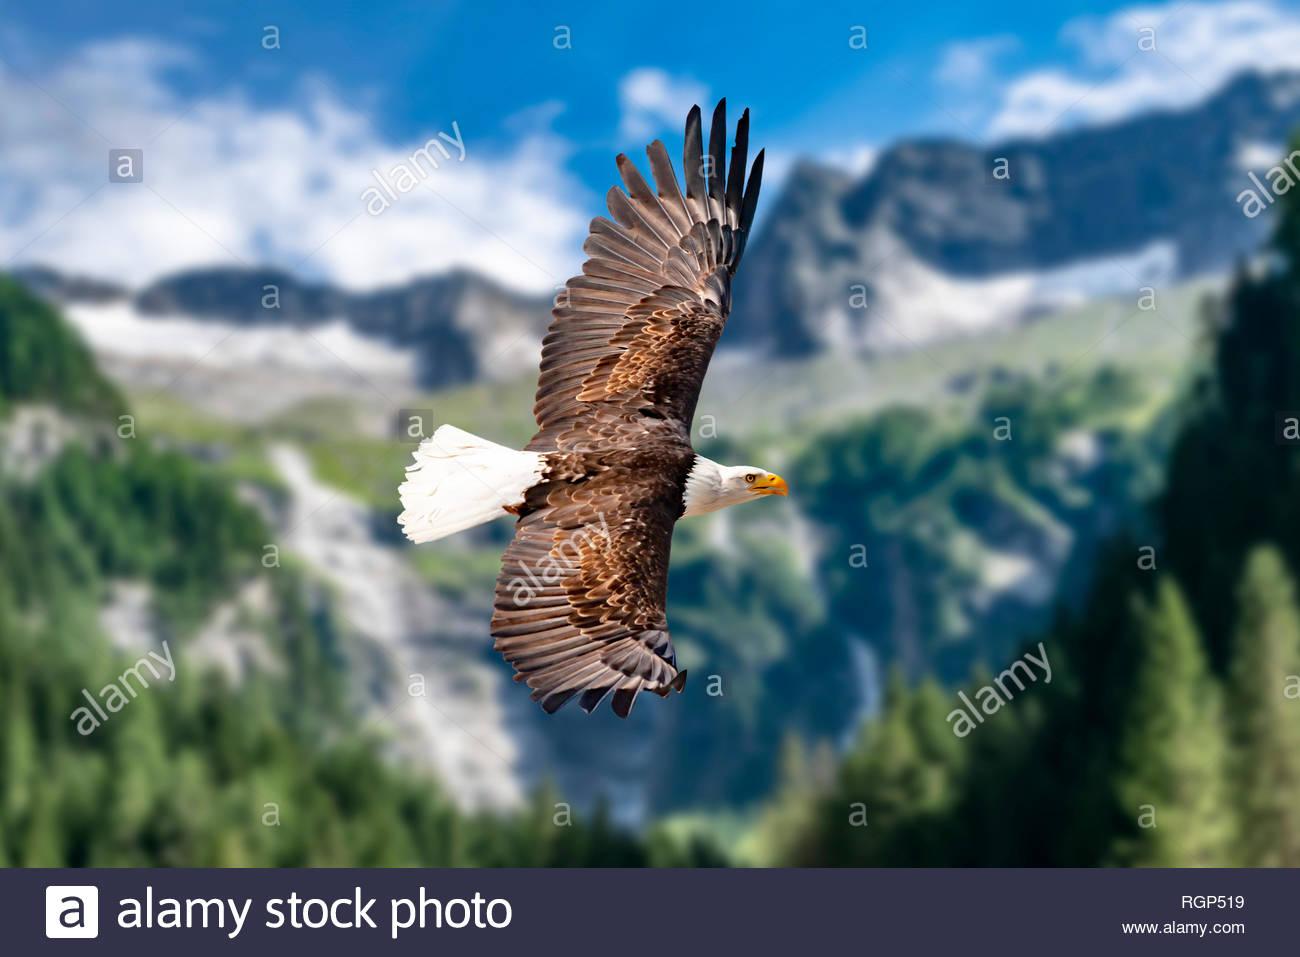 Ein Weißkopfseeadler fliegt in großer Höhe am Himmel und sucht Beute. Es sind Wolken am Himmel aber es herrscht klare Sicht bei strahlender Sonne. - Stock Image